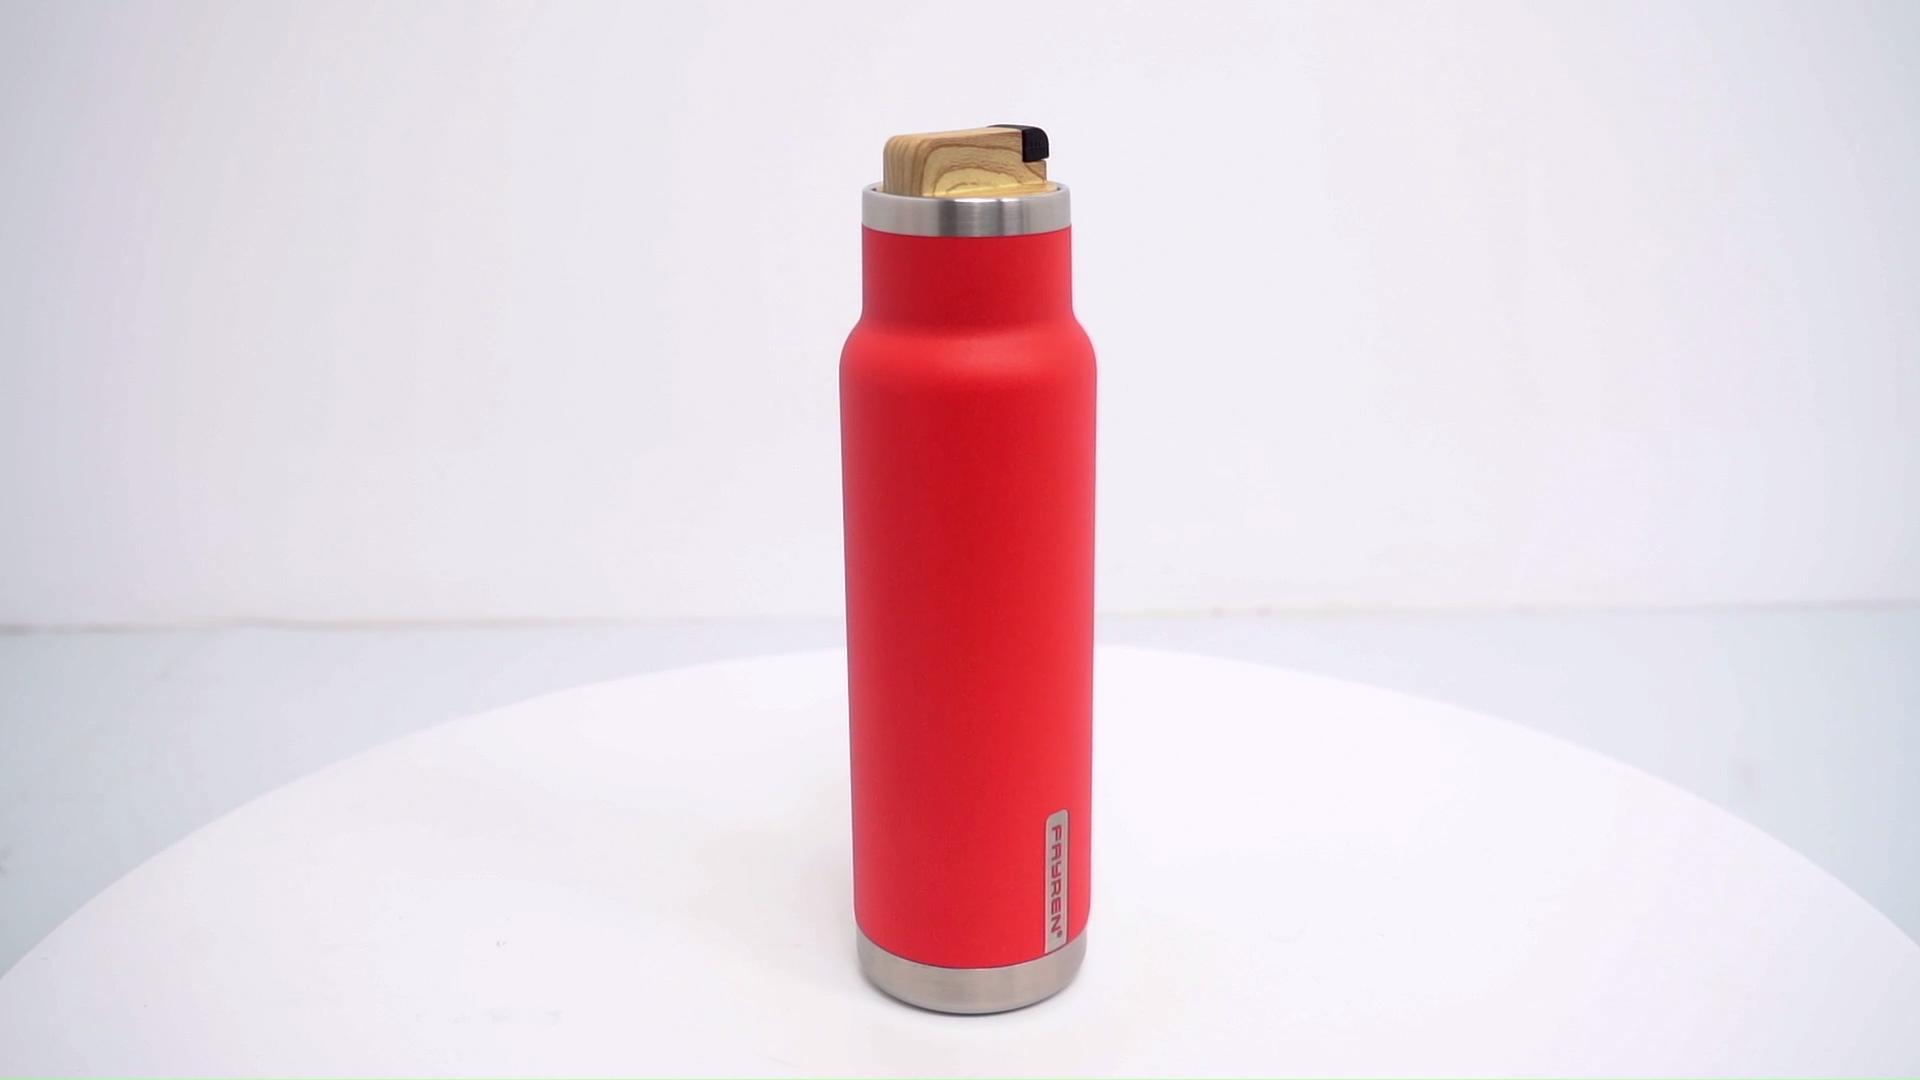 Bottiglia di acqua In Acciaio Inox Vuoto Isolato Thermos Bocca Larga-Coperchio A Tenuta-BPA Libero con A Prova di Perdite Coperchio